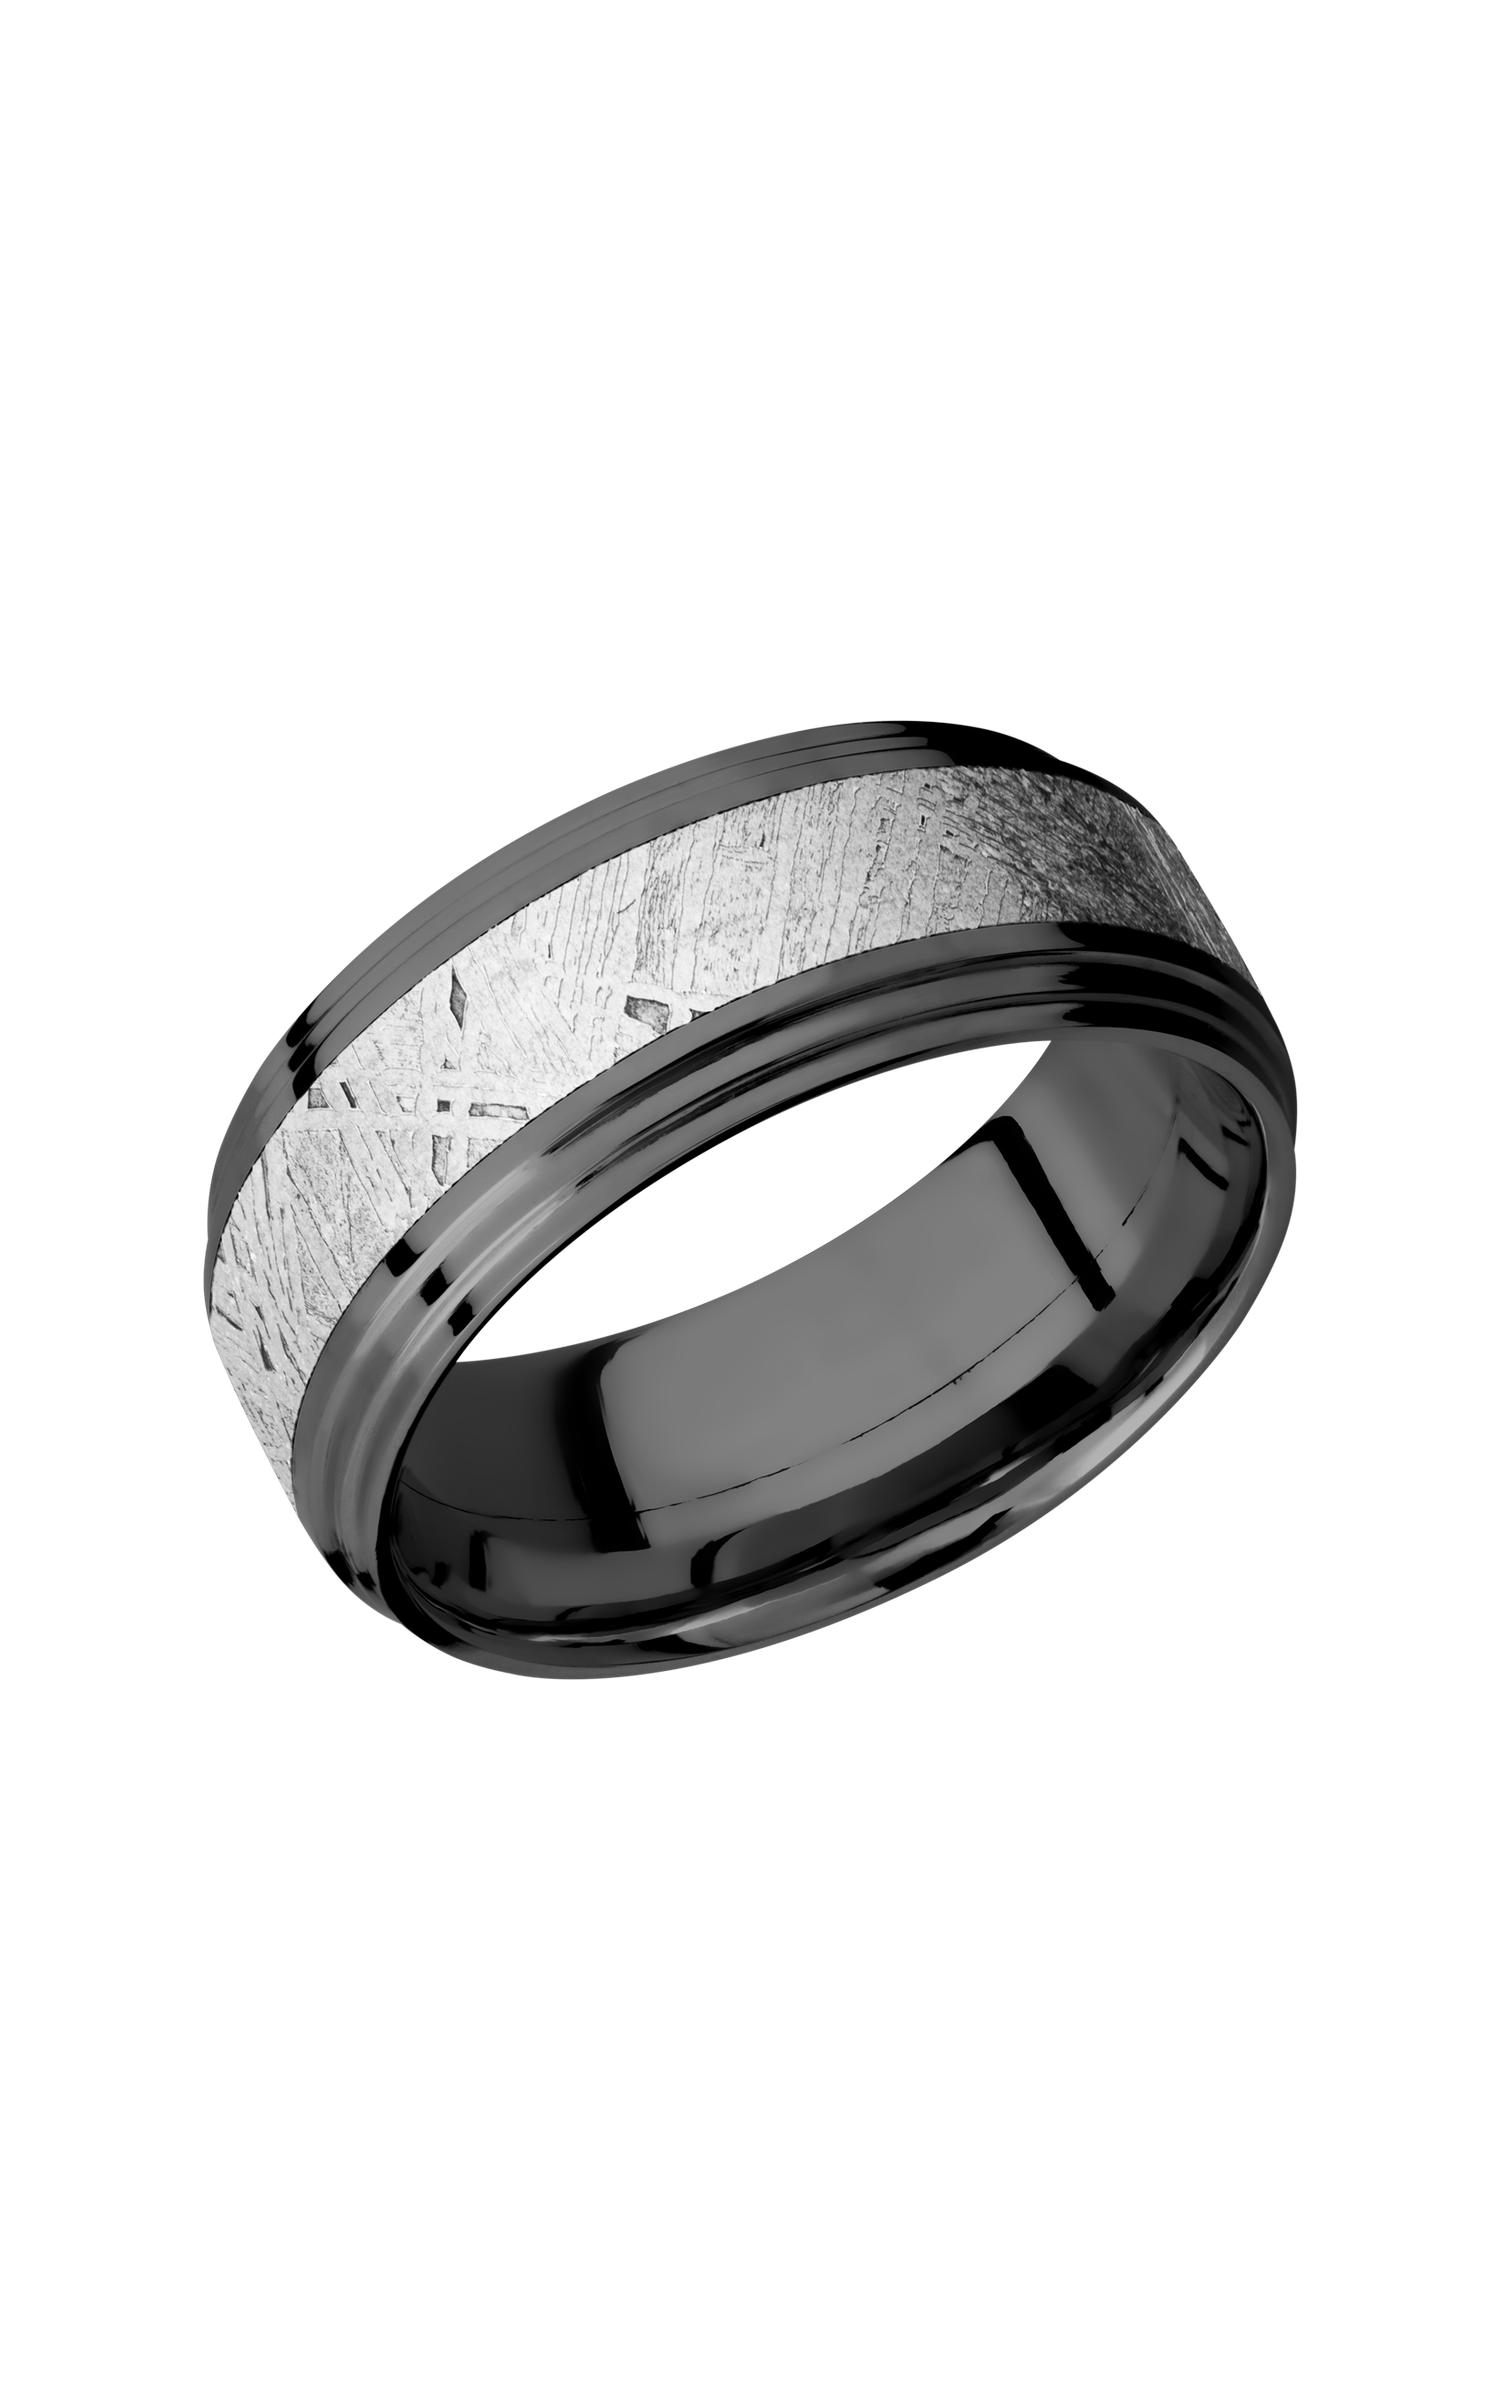 Lashbrook Meteorite Z9F2S14_METEORITE product image